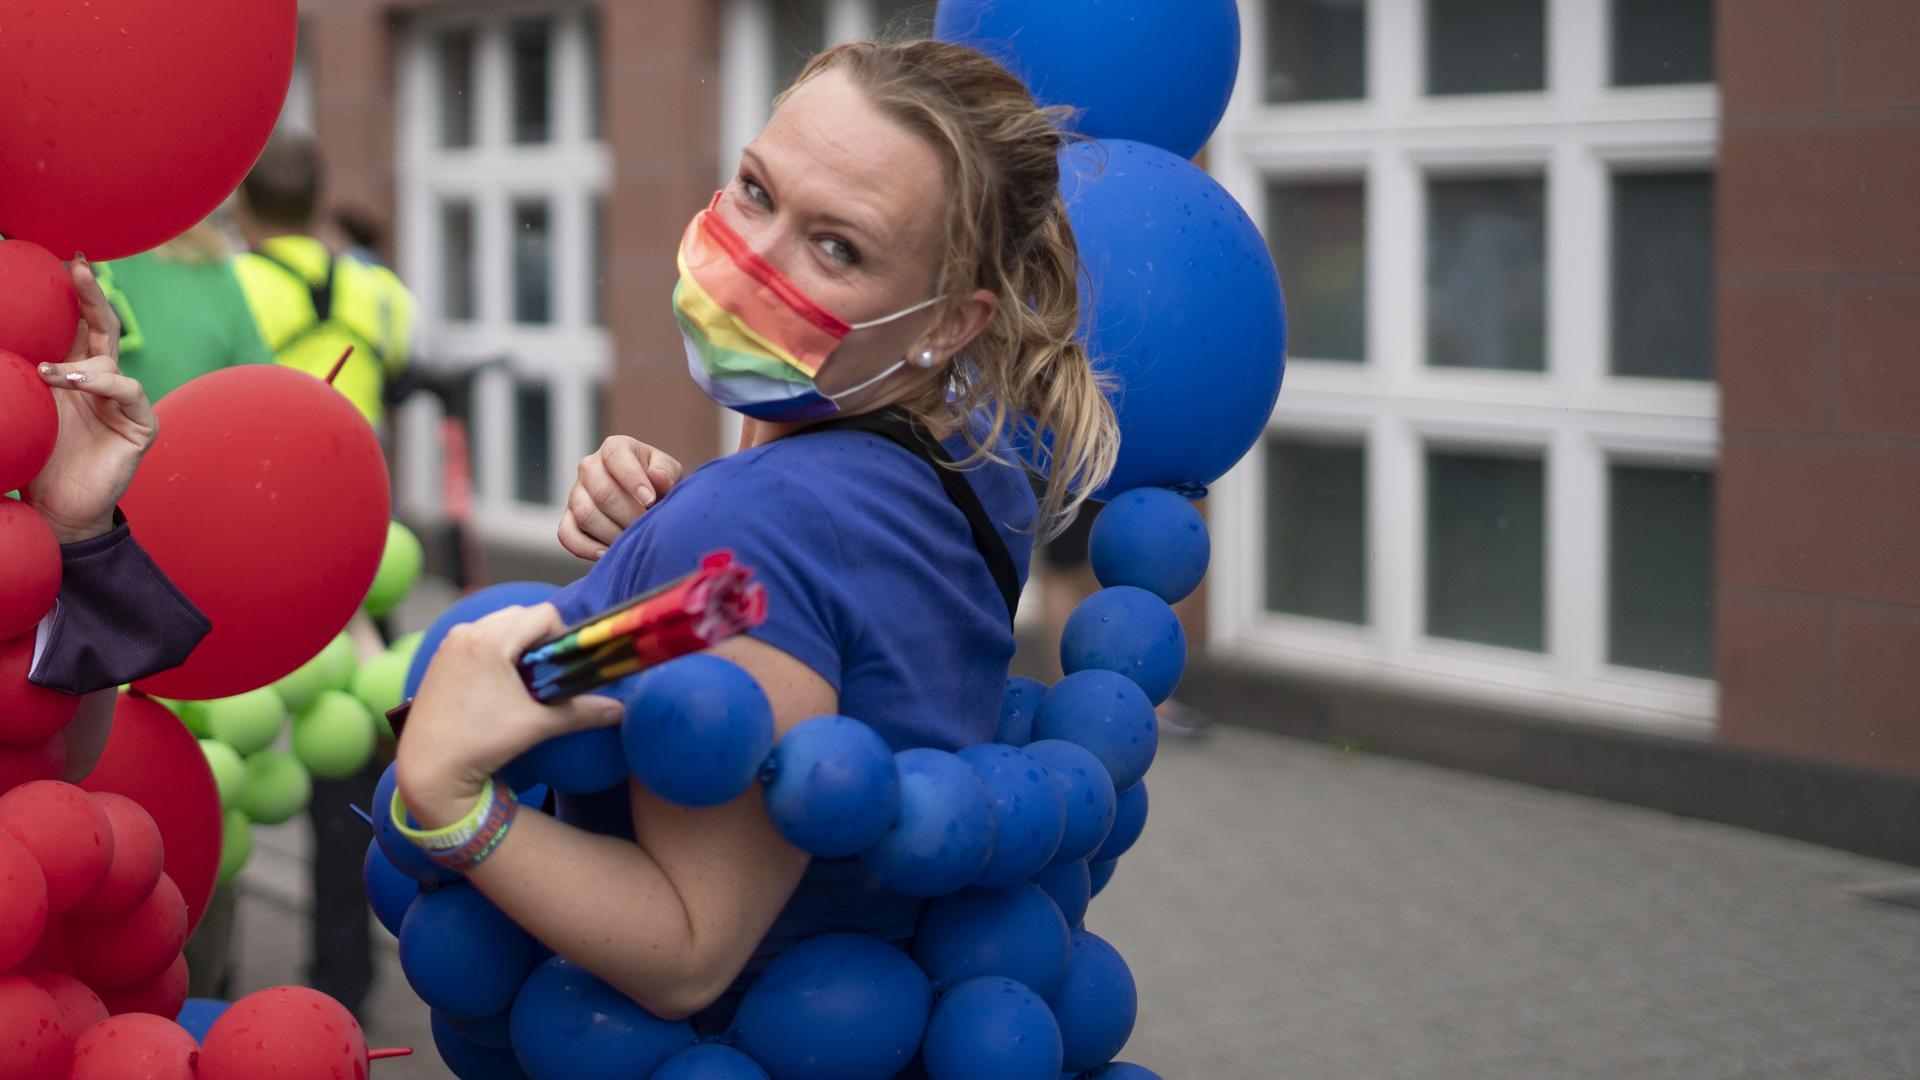 Frau tanzt mit Ballons